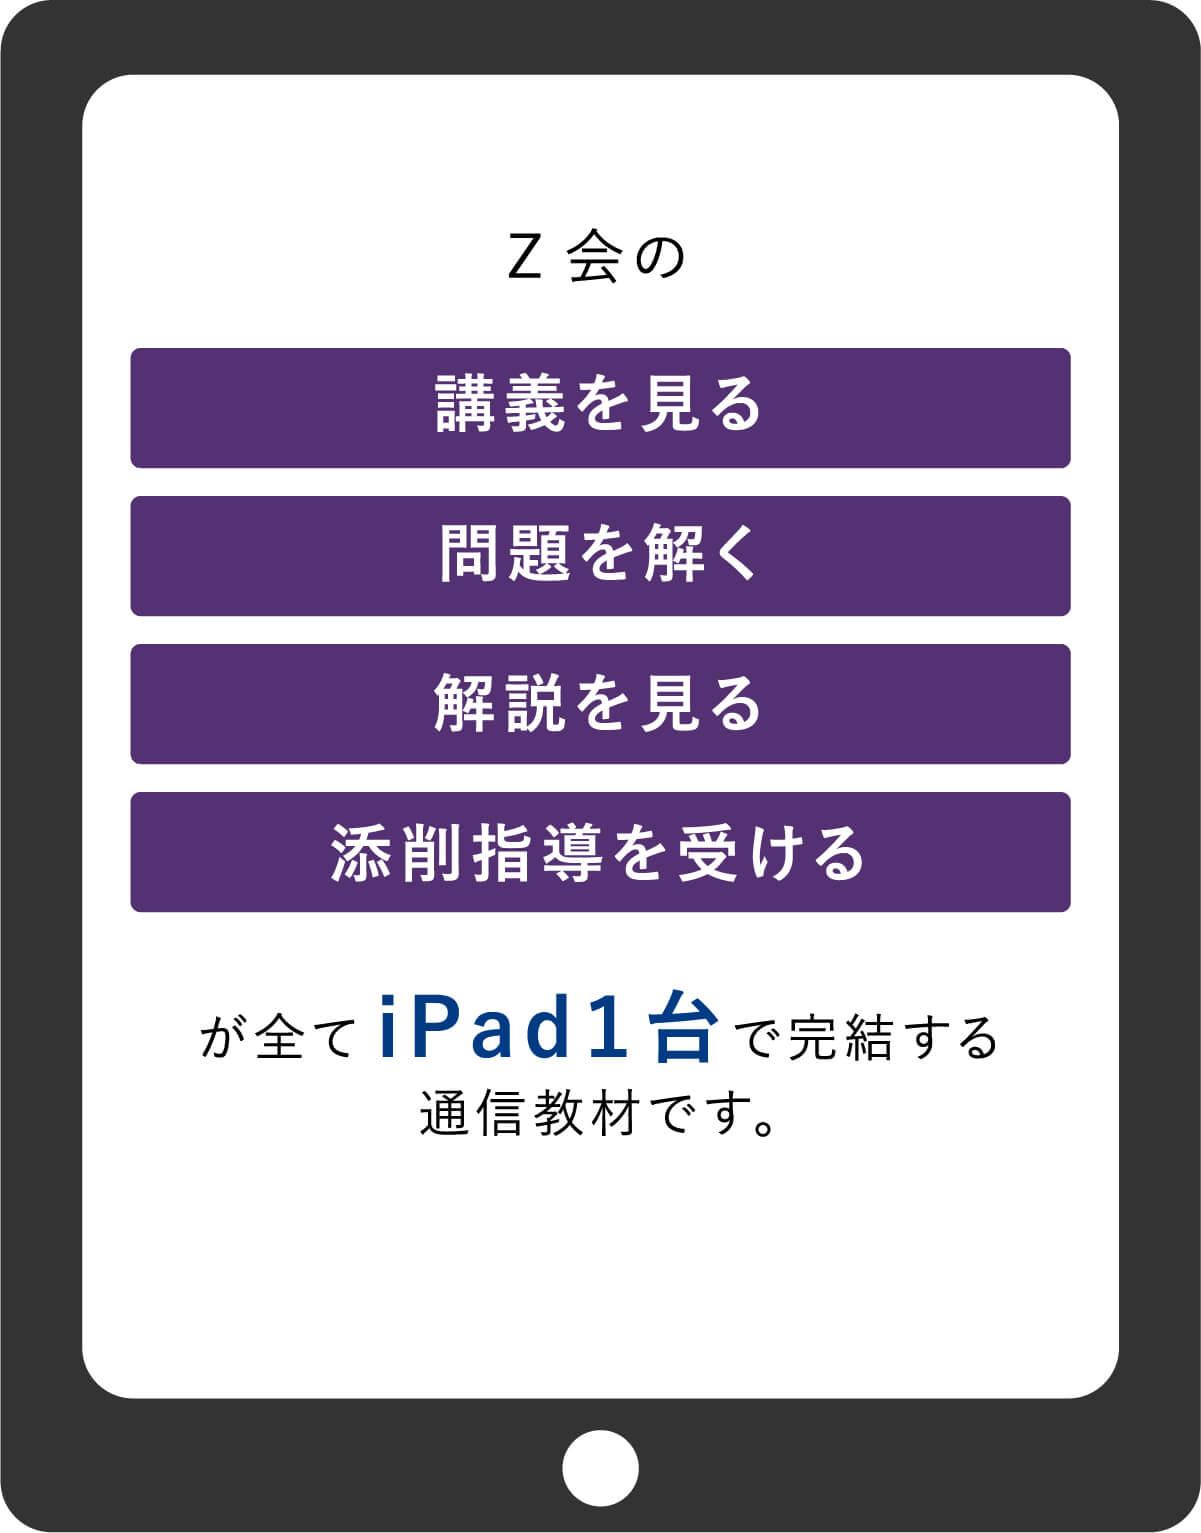 全てiPad1台で完結する通信教材です。